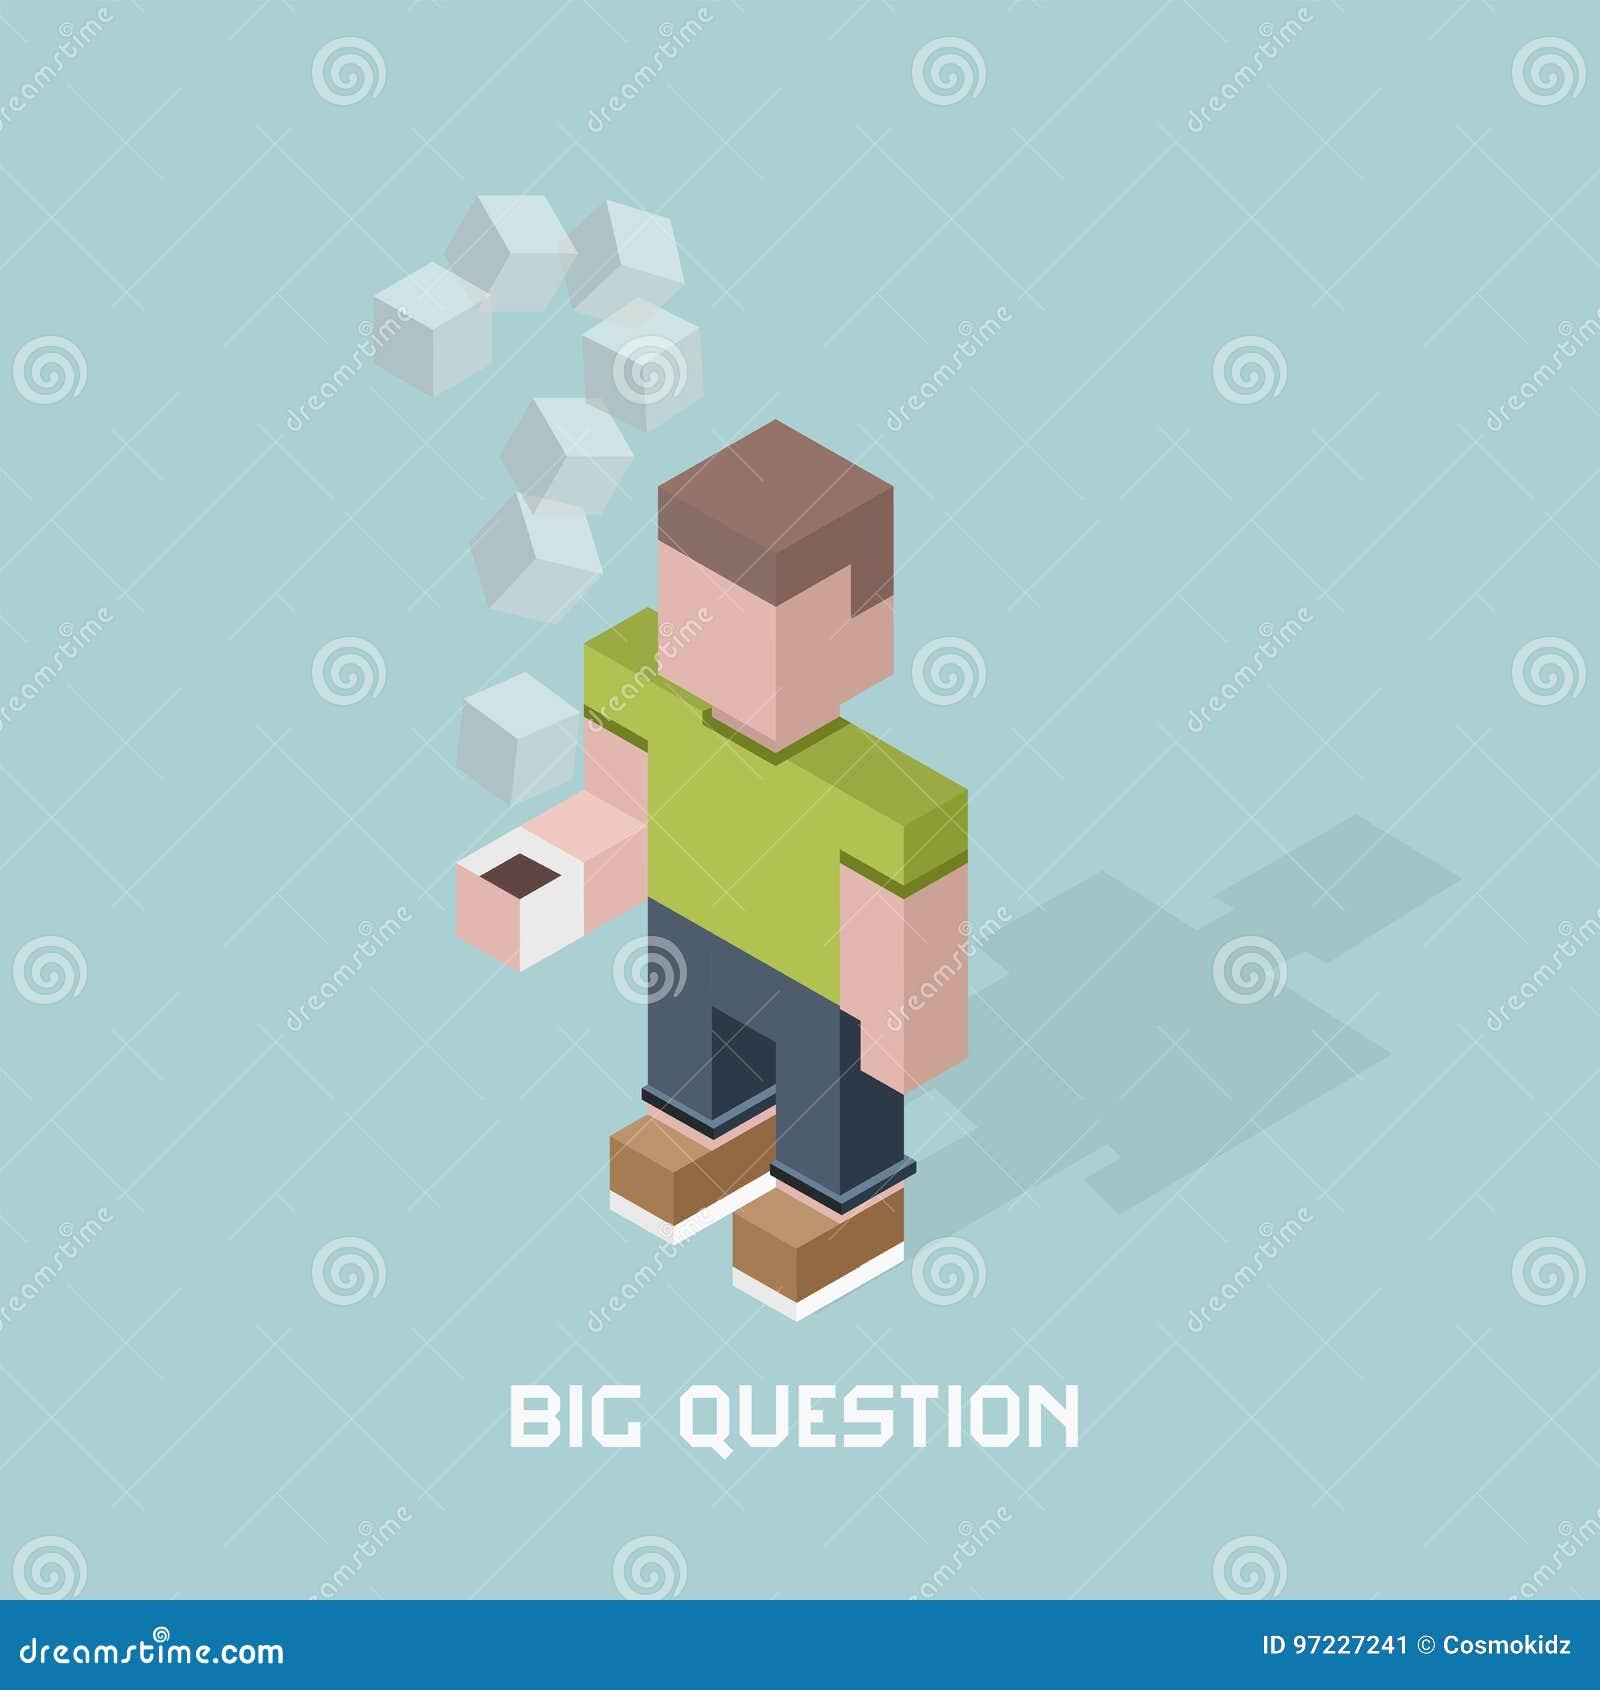 Человек с большим вопросом сомневается, гигантский вопросительный знак пара кофе, иллюстрации вектора состава кубов равновеликой